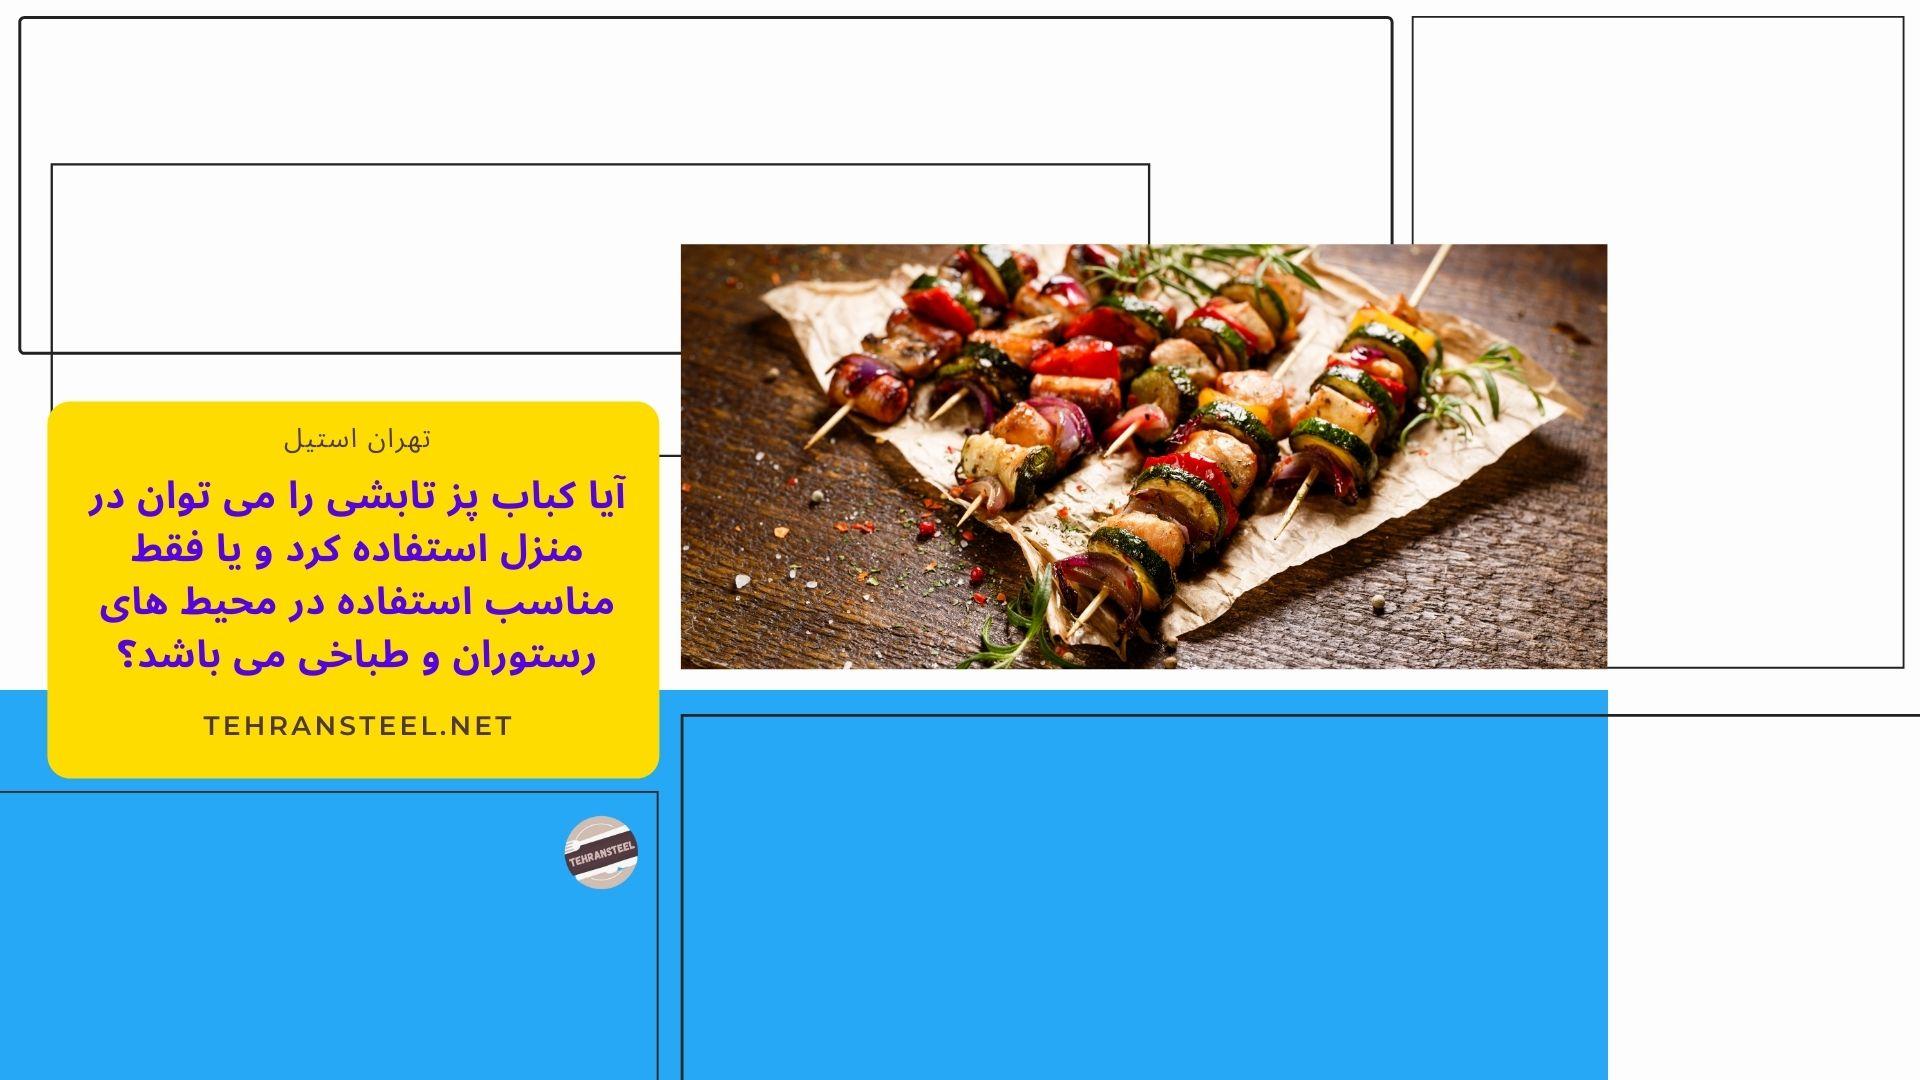 آیا کباب پز تابشی را می توان در منزل استفاده کرد و یا فقط مناسب استفاده در محیط های رستوران و طباخی می باشد؟